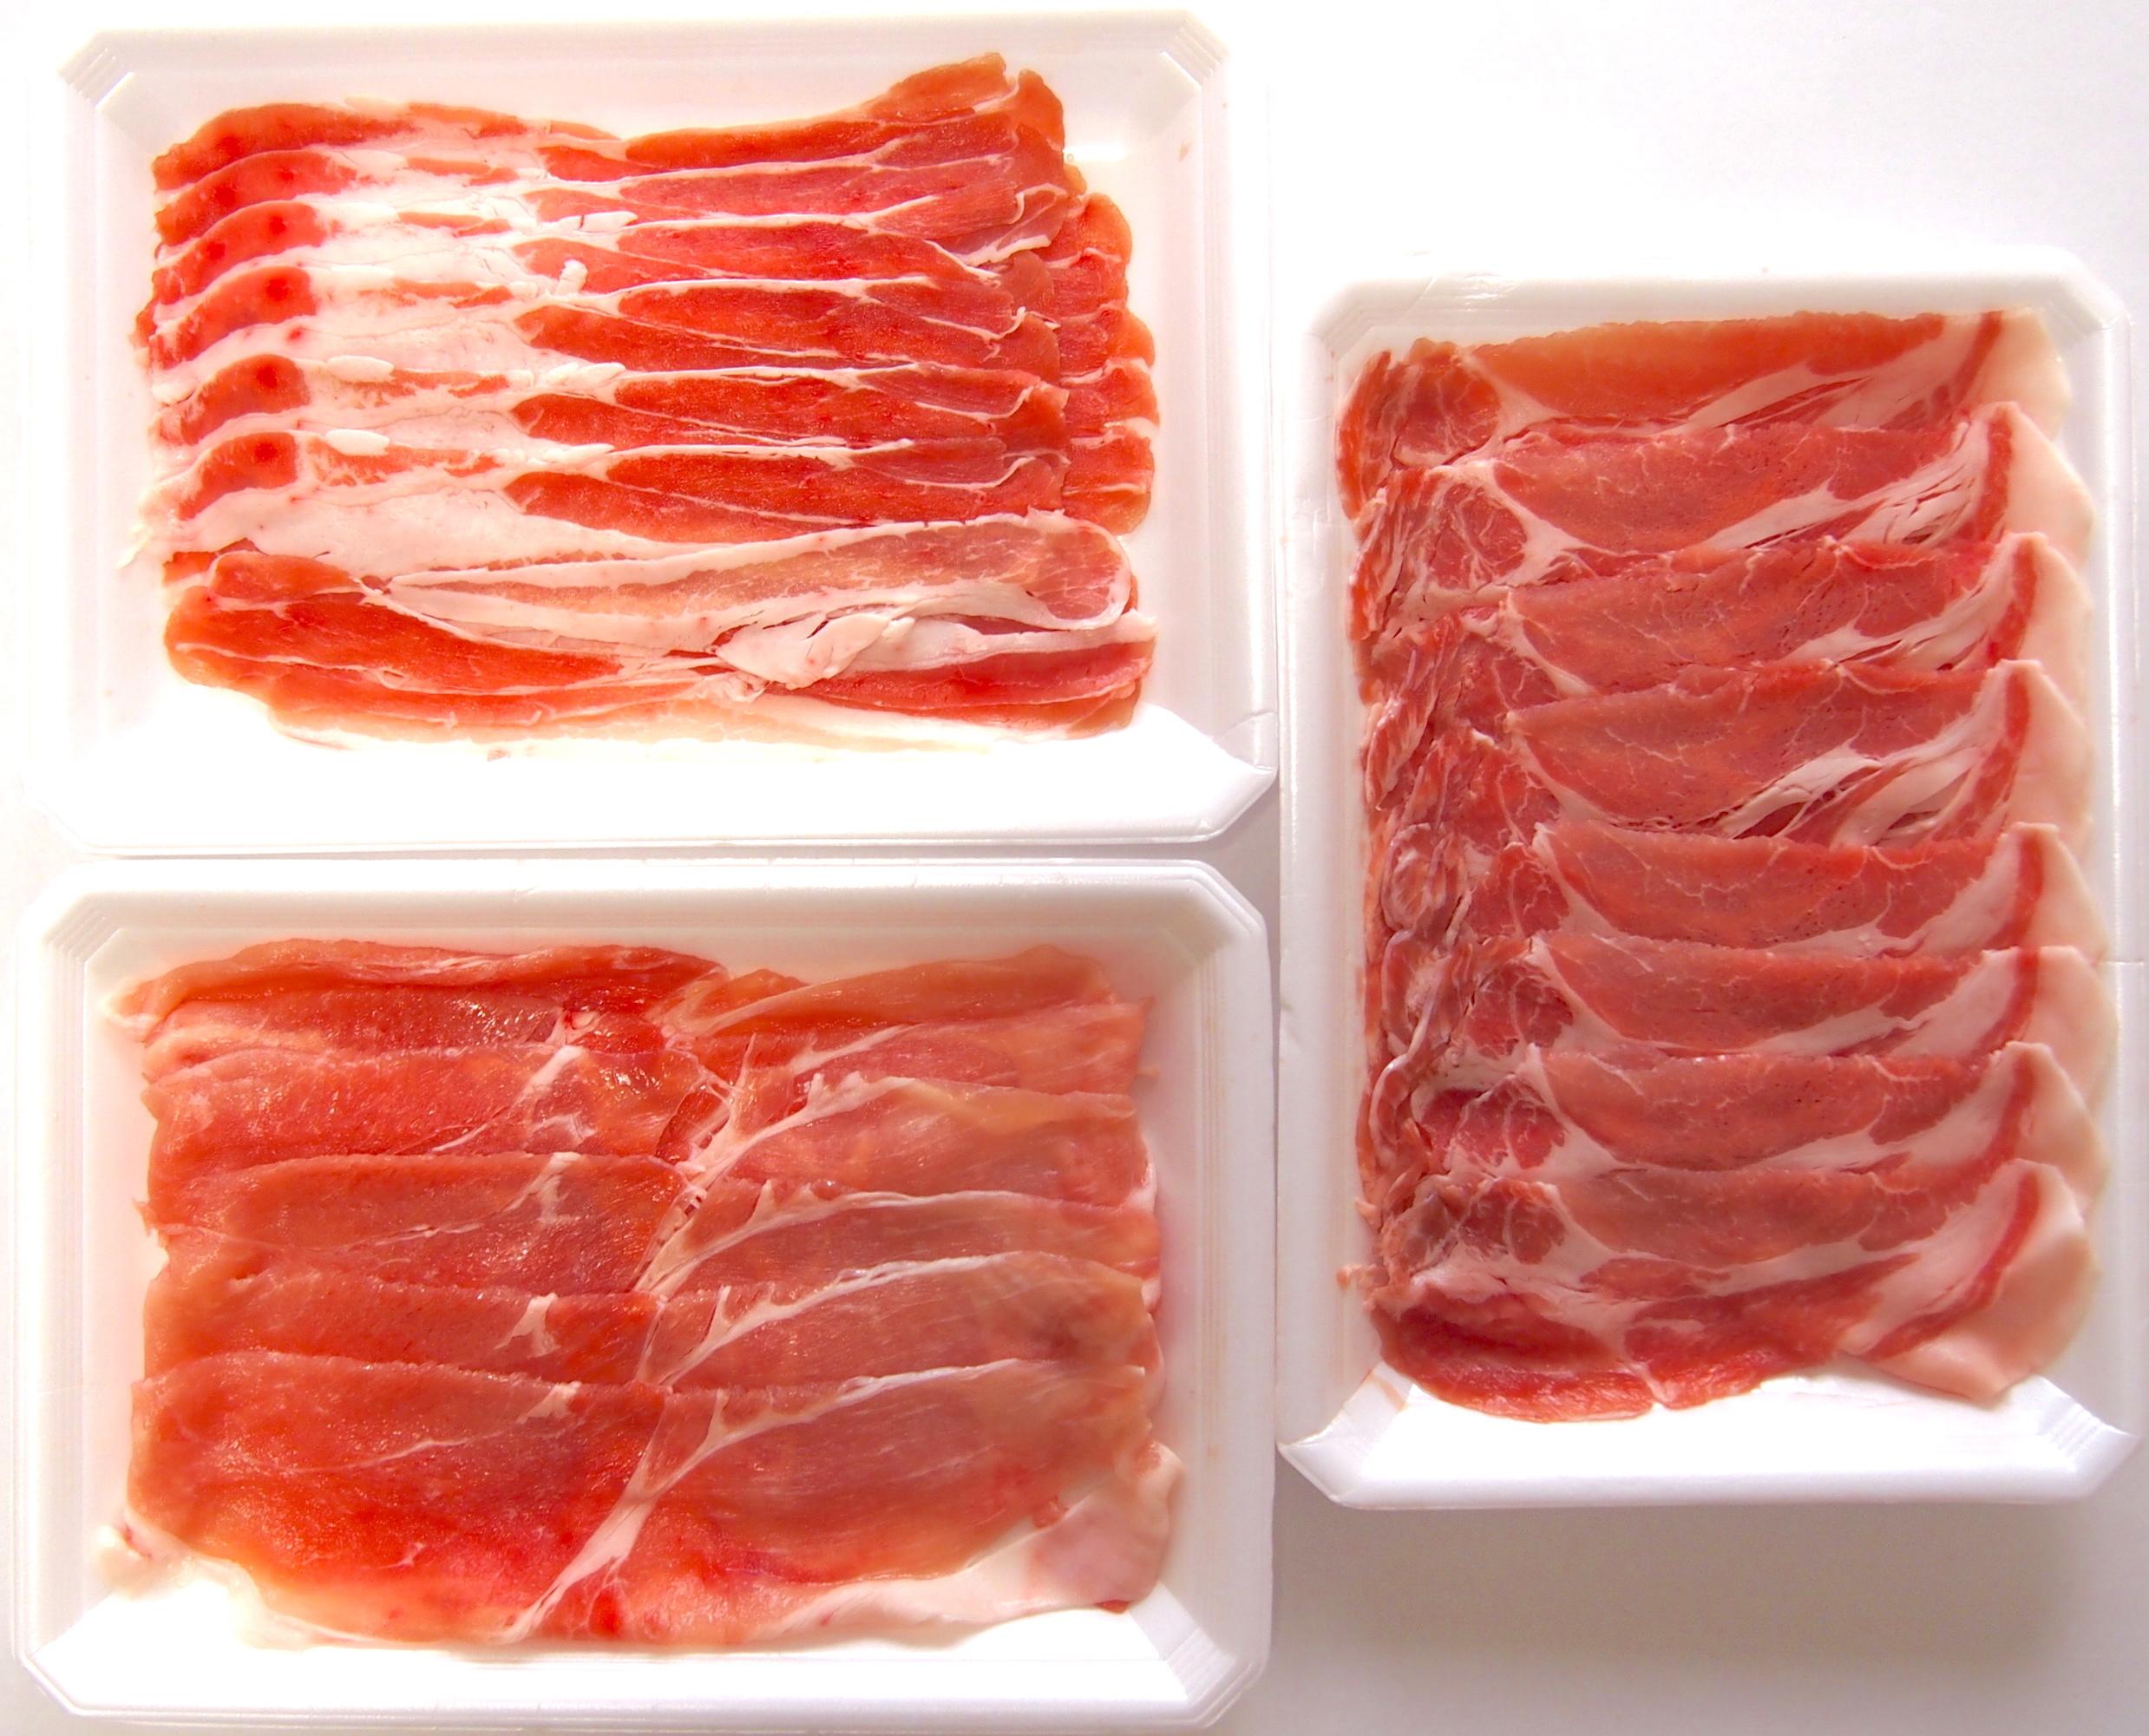 ぴりか豚 しゃぶしゃぶ 人気3部位食べ比べセット【1〜2人用】